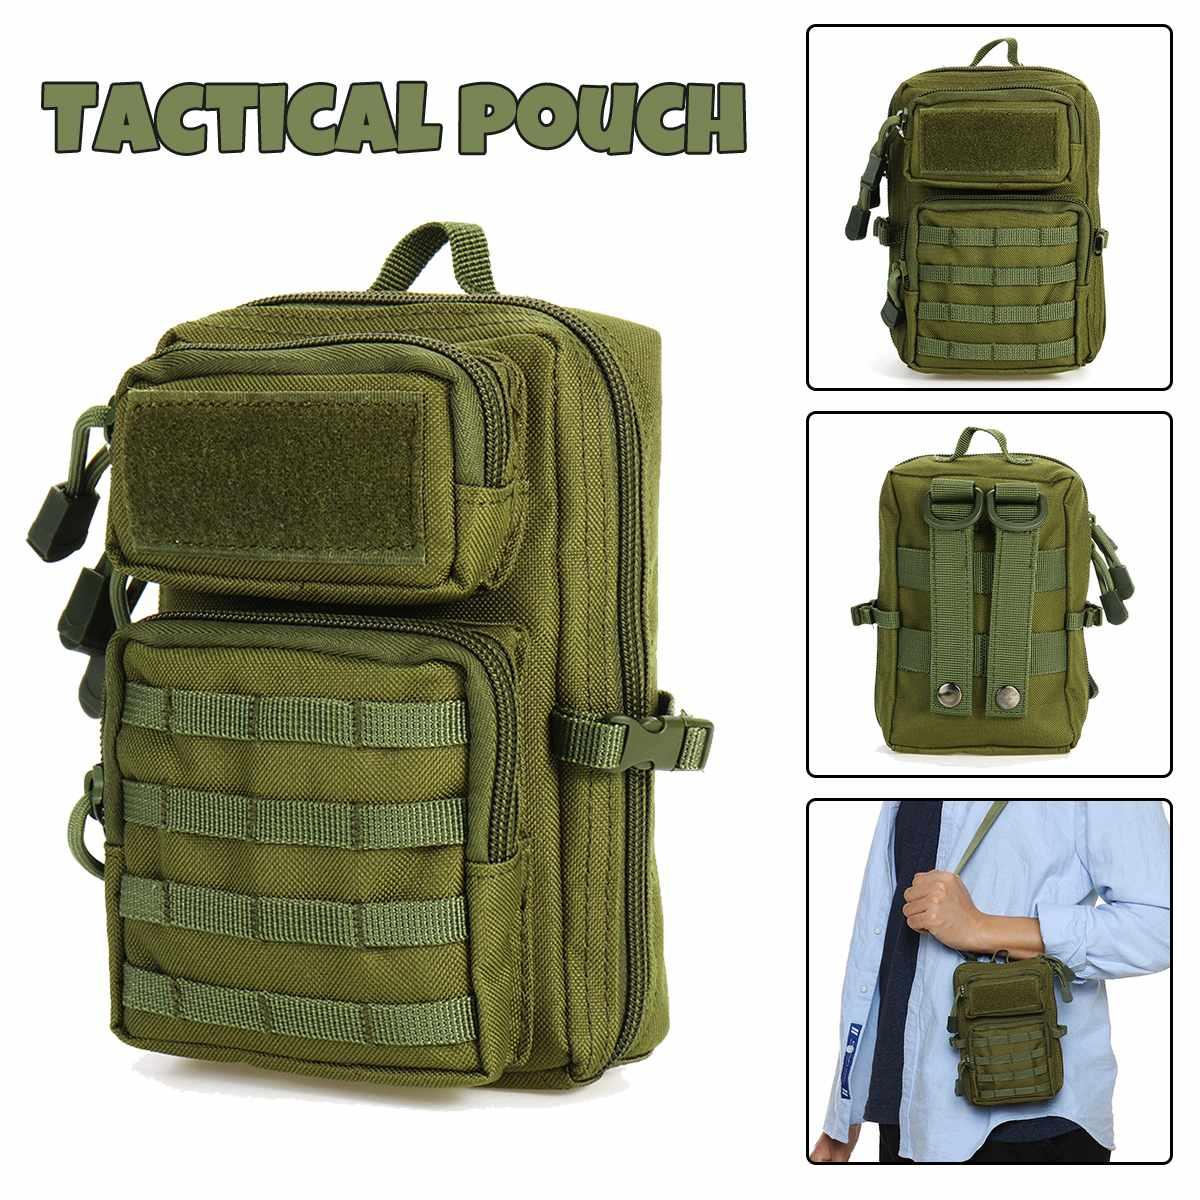 Evrensel taktik kılıf çanta kılıfı askeri Molle kalça bel kemeri çanta fermuar cüzdan kılıfı çanta telefon kılıfı kamp yürüyüş çantaları